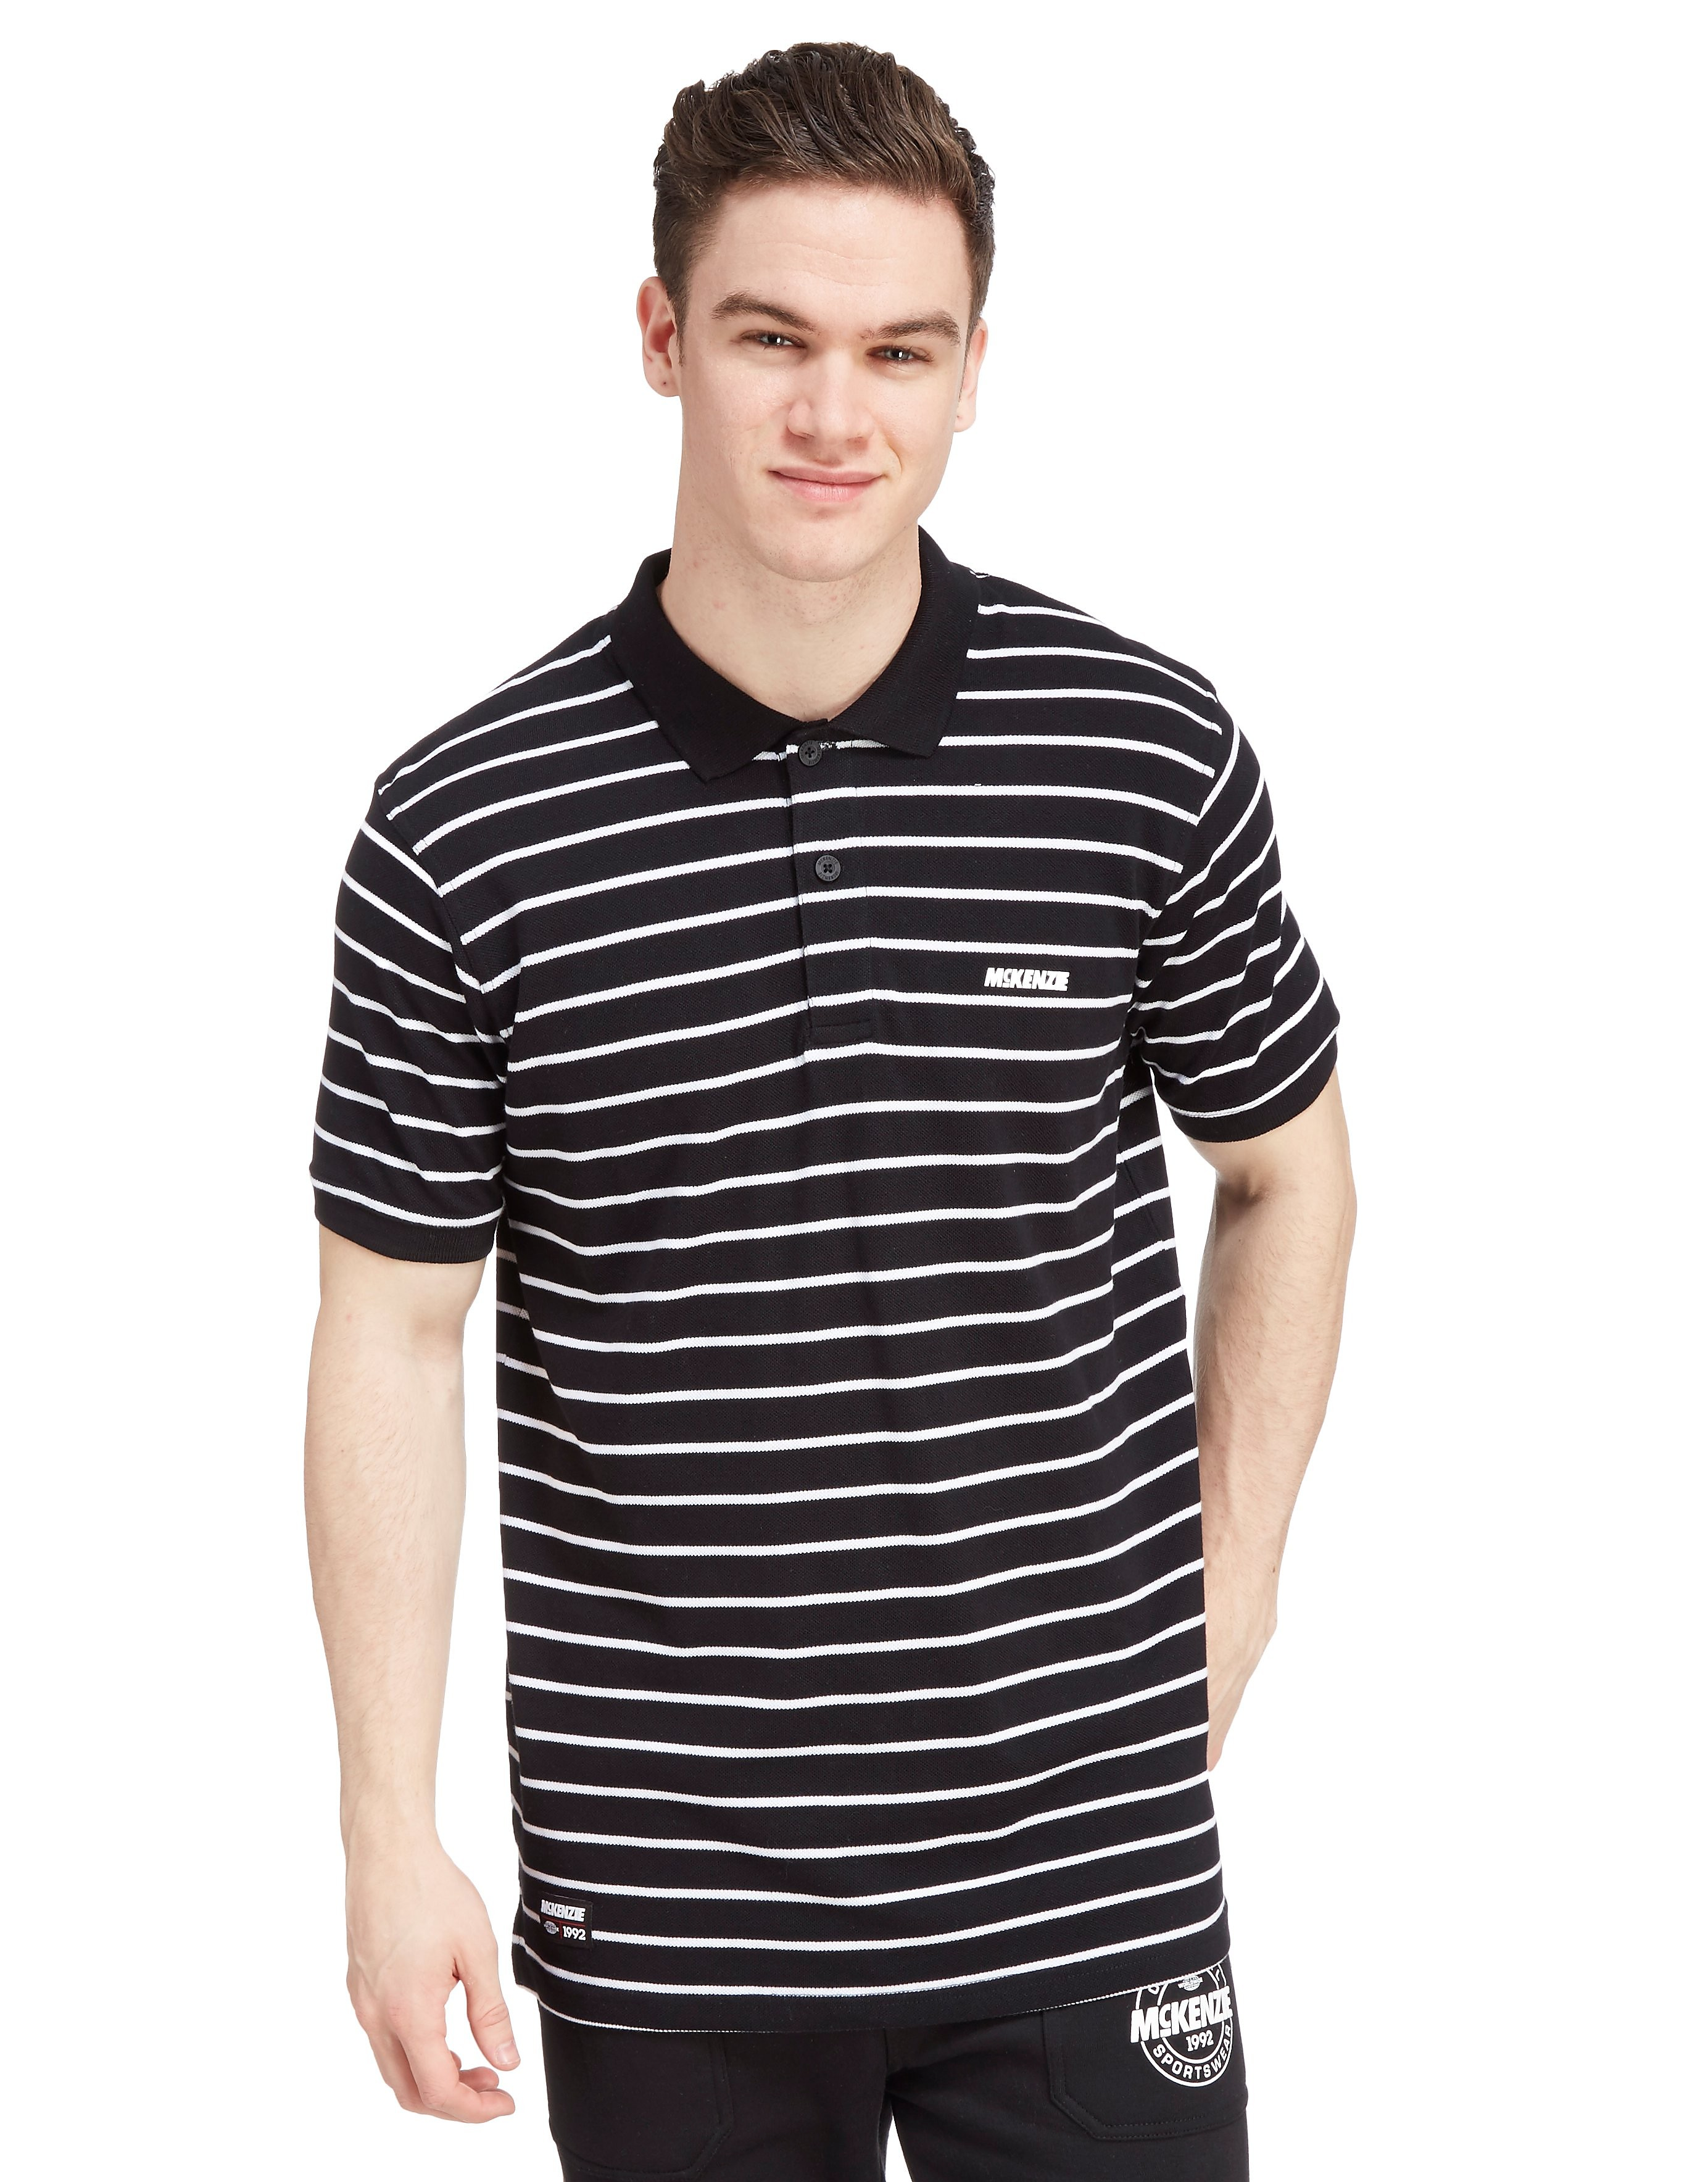 McKenzie Gledhill Stripe Polo Shirt